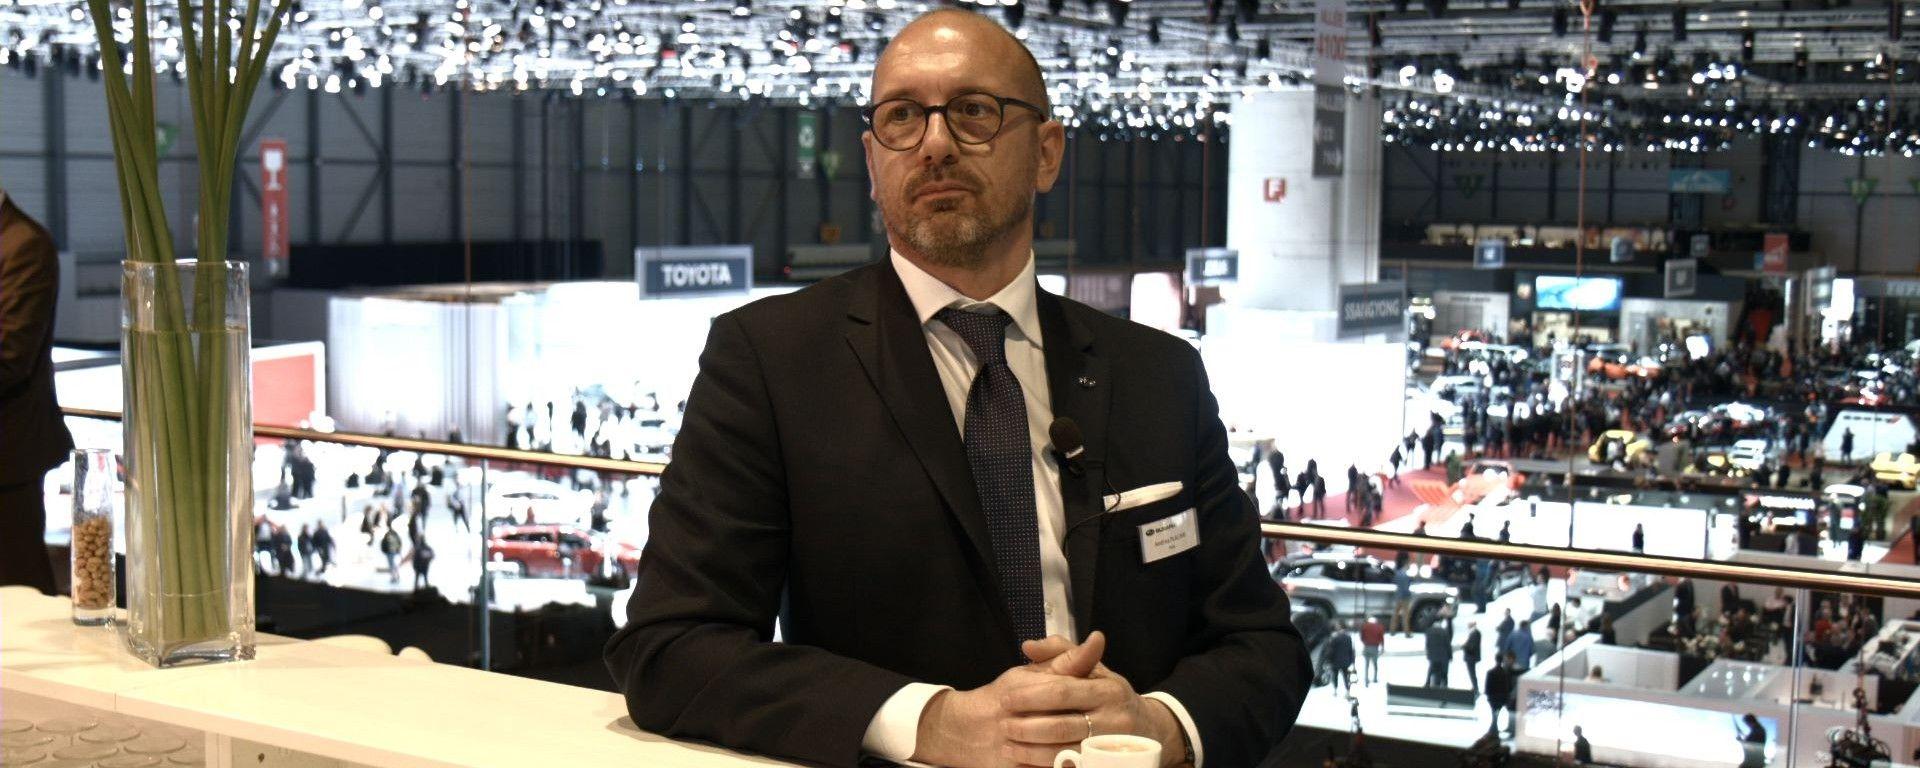 Andrea Placani, Responsabile Comunicazione Subaru Italia, al Salone di Ginevra 2017